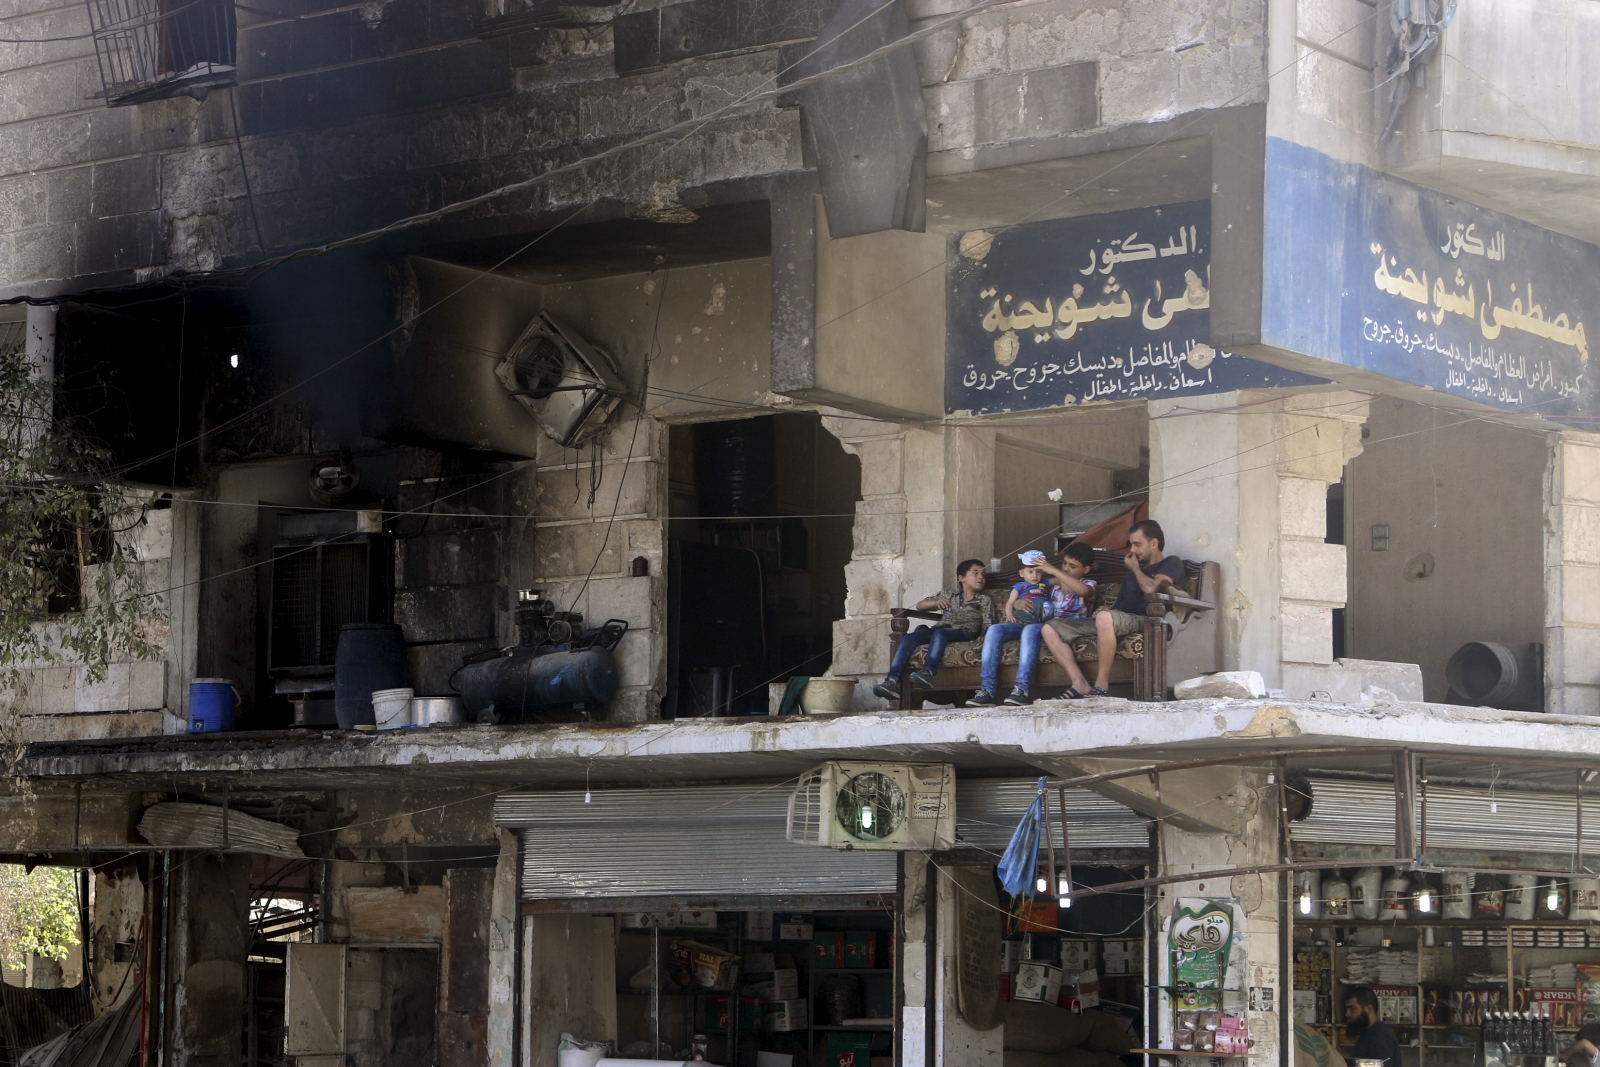 Syria Aleppo conflict migrants